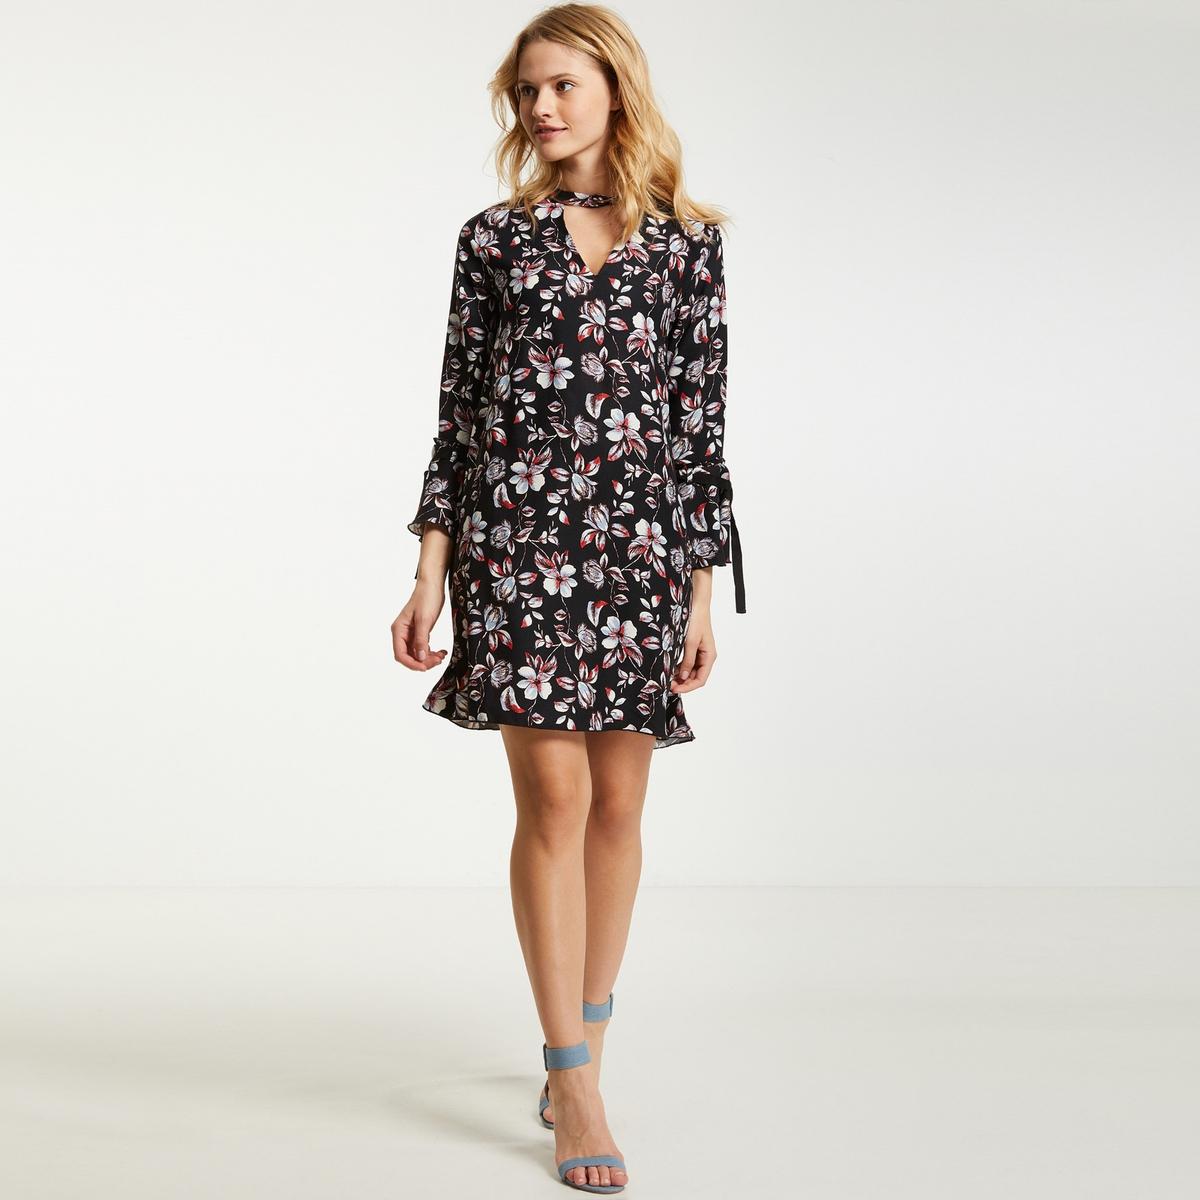 Prosta, krótka sukienka w kwiaty, długi rękaw